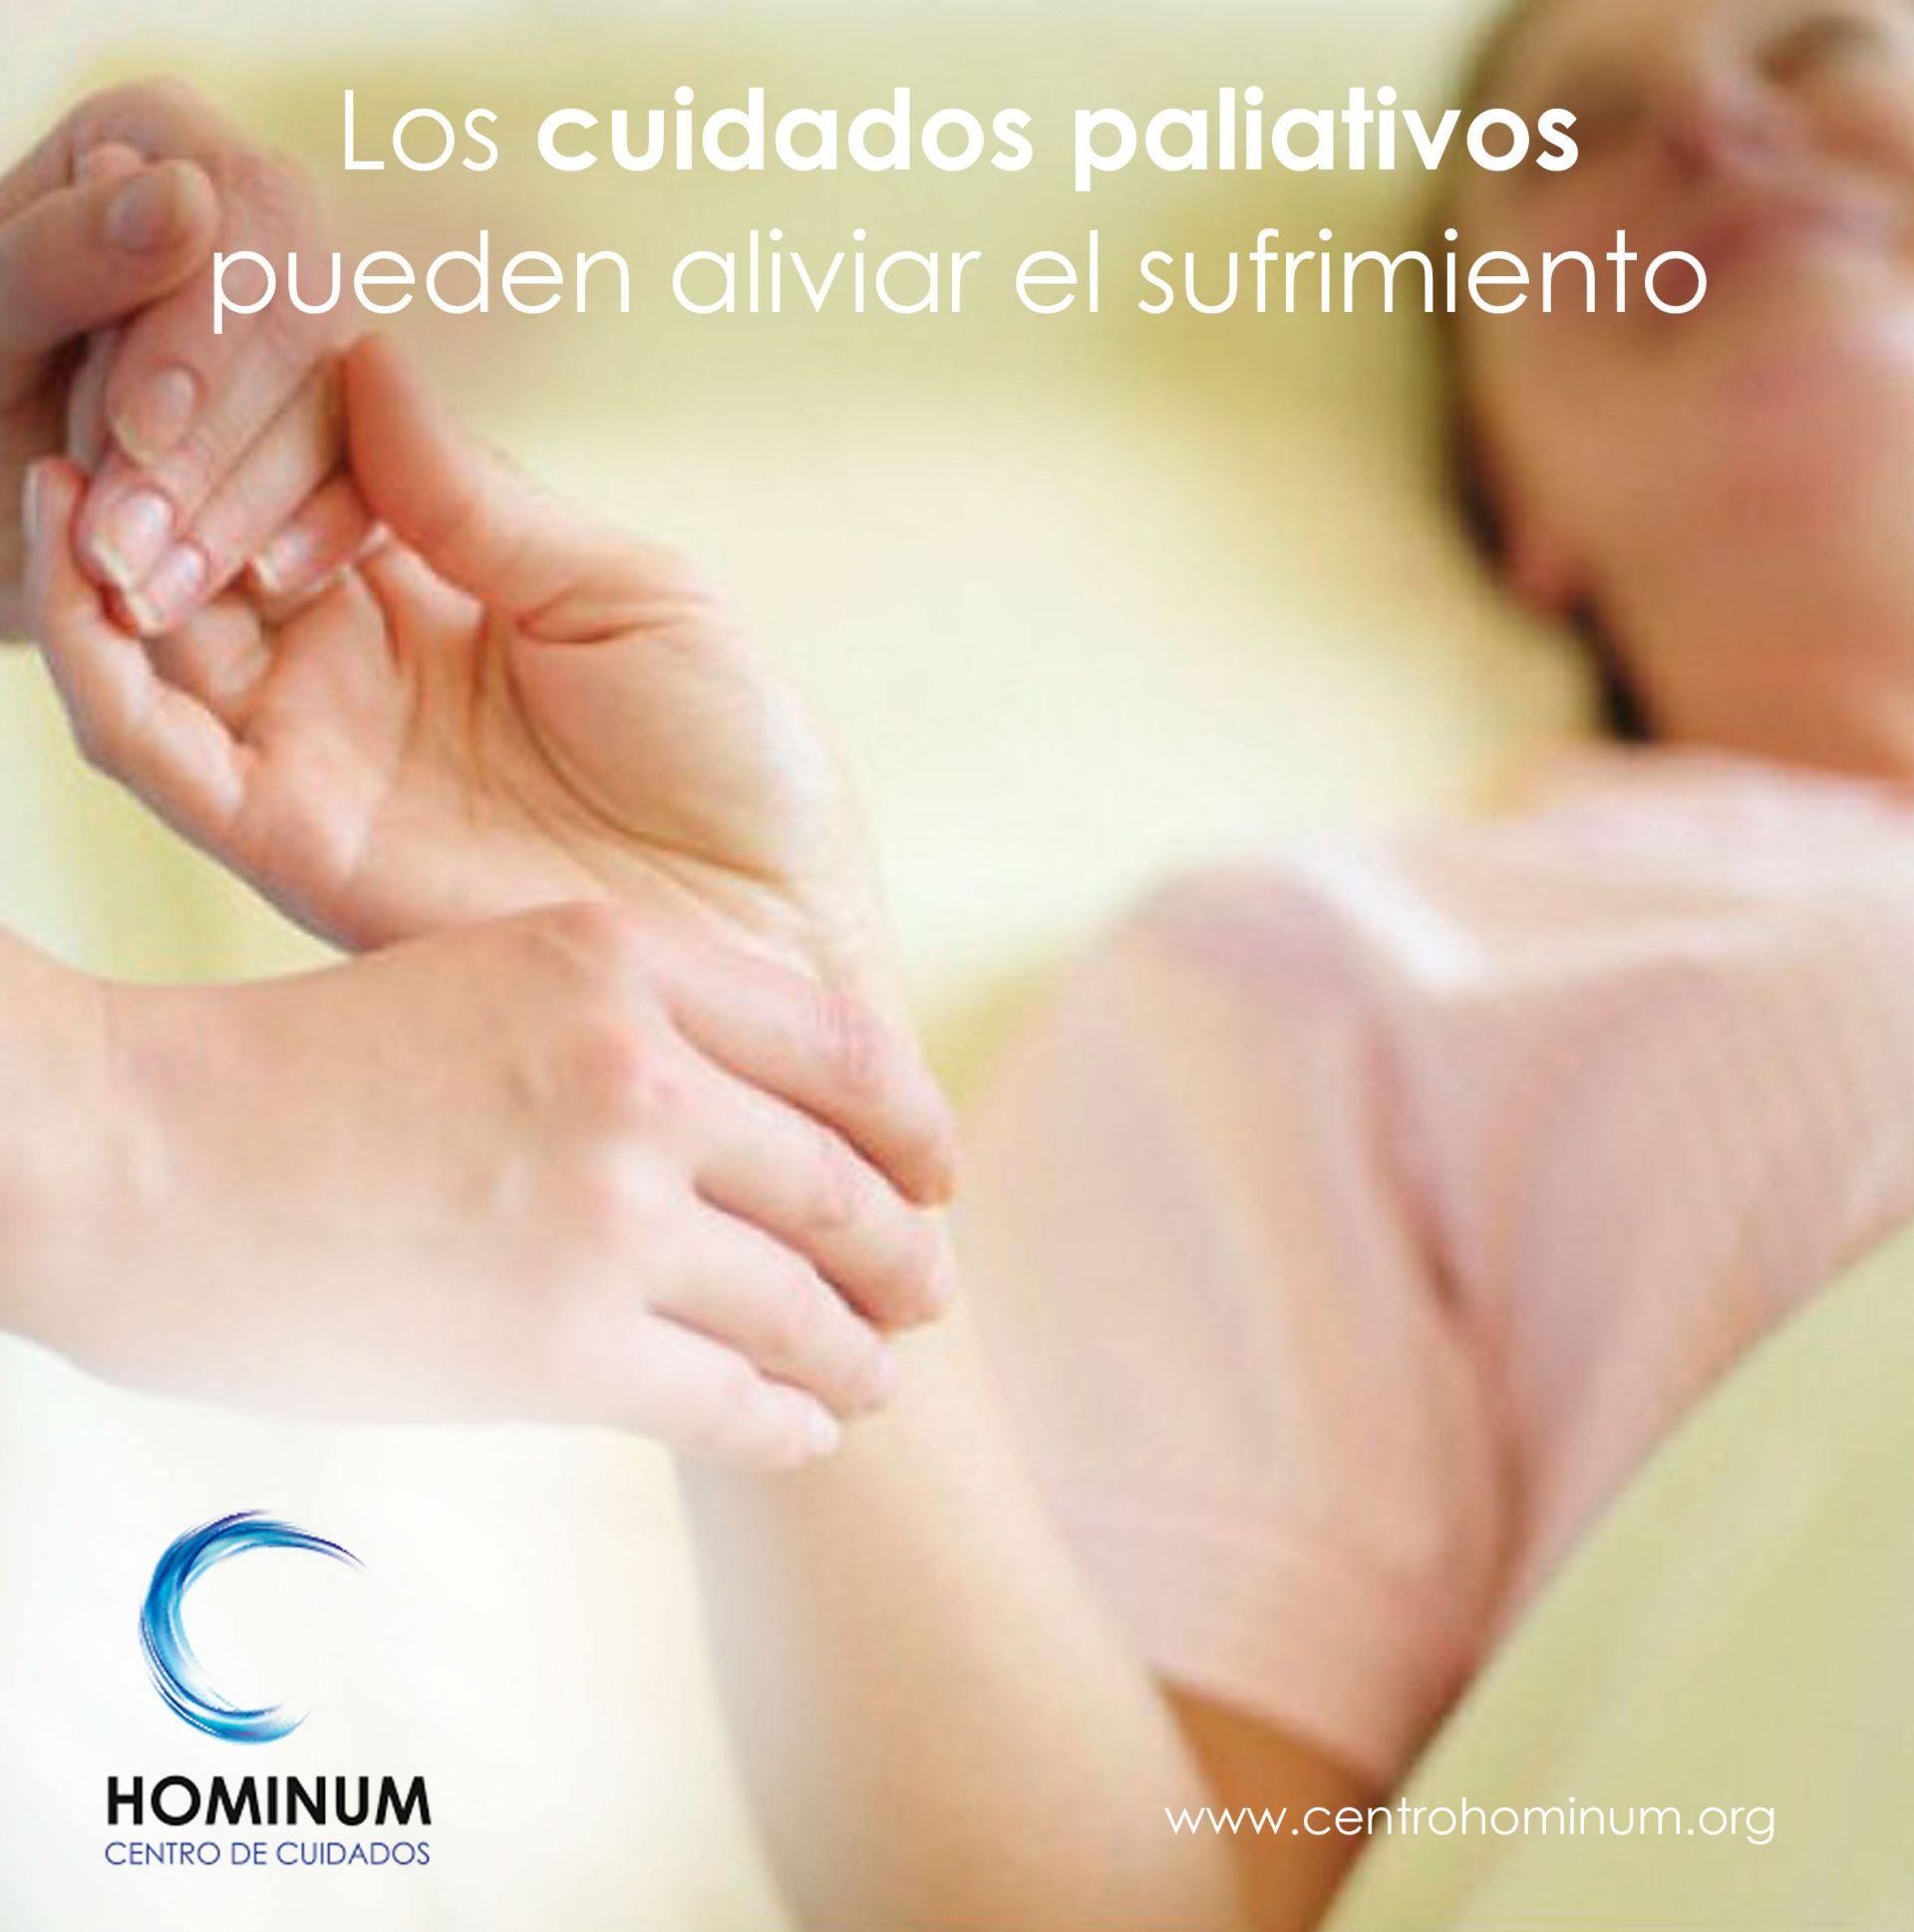 Foto Los cuidados paliativos pueden aliviar el sufrimiento